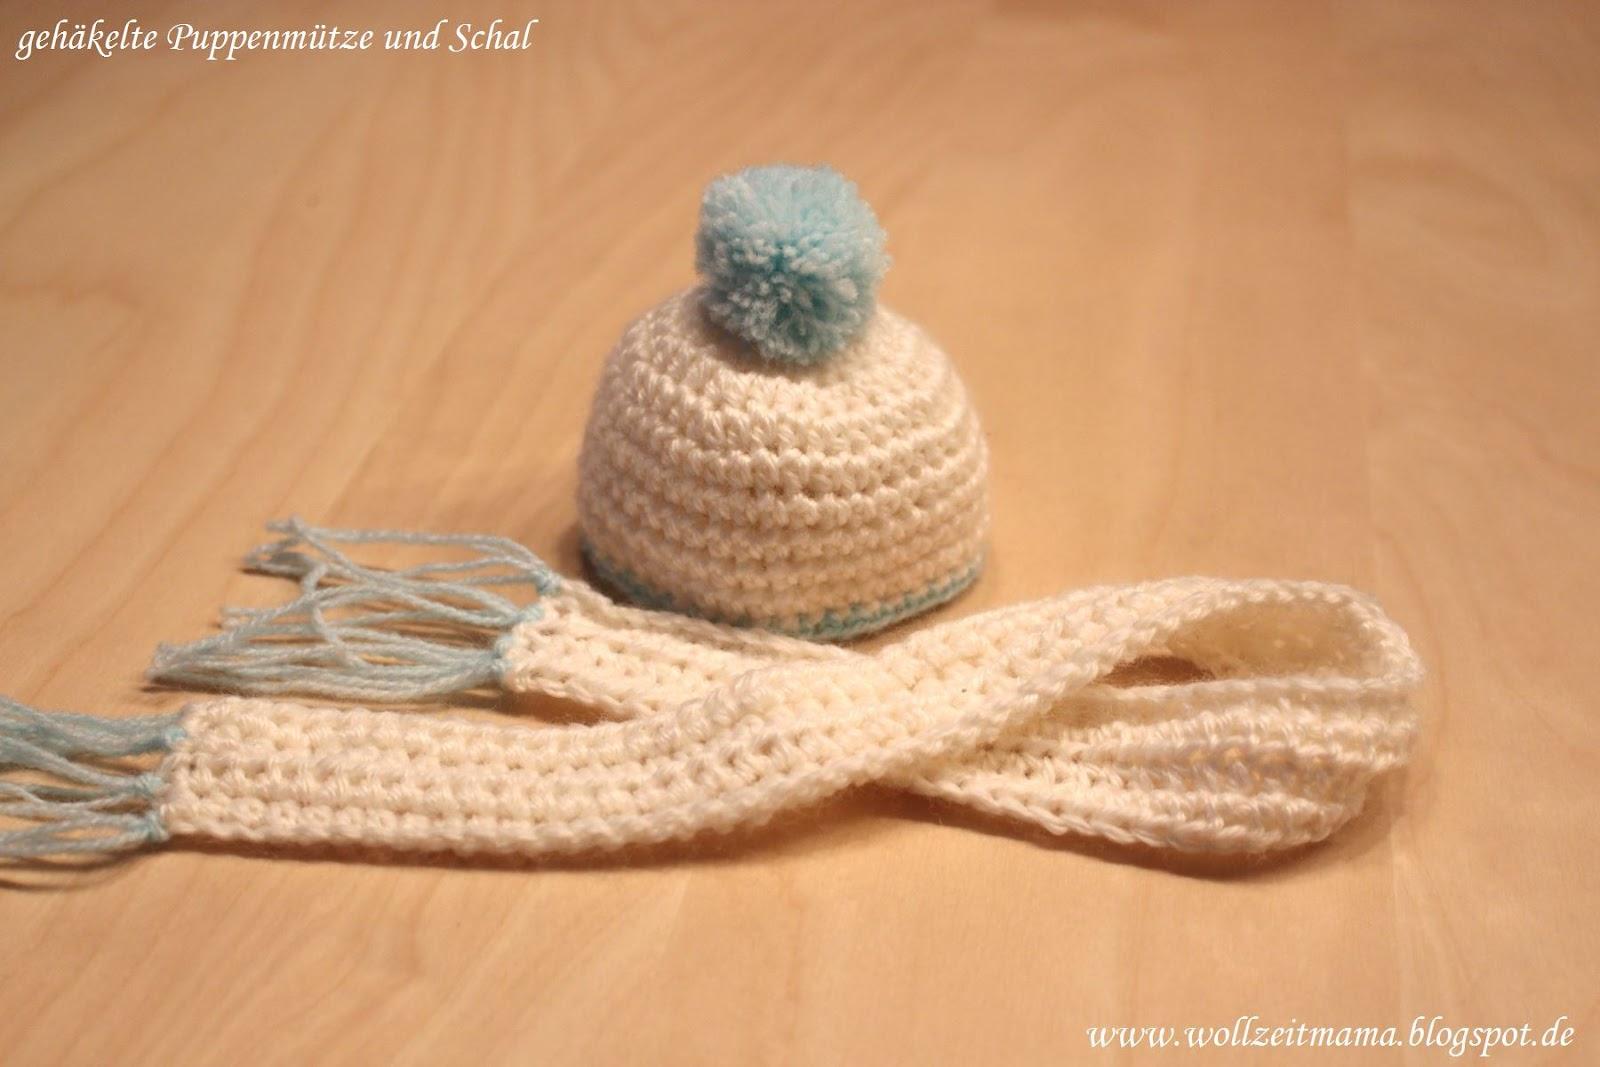 Wollzeitmama Gehäkelte Pudelmütze Und Schal Für Puppen Und Kuscheltiere